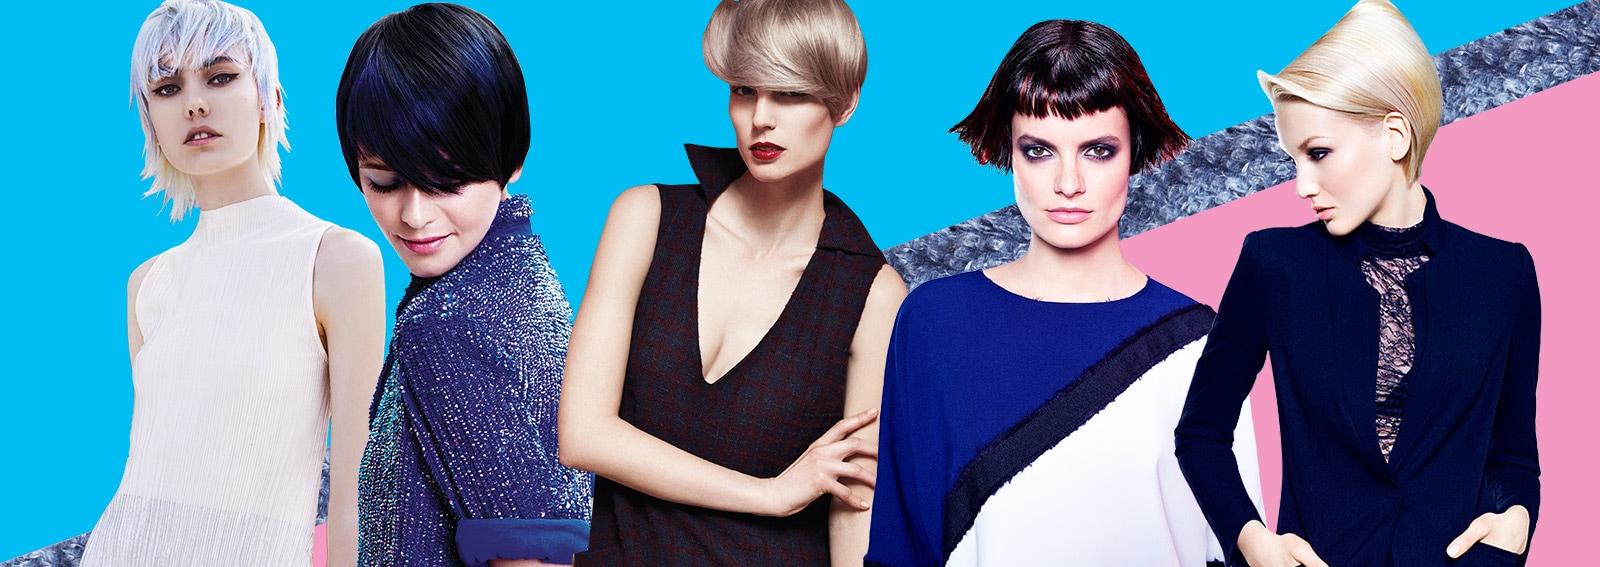 tagli capelli corti saloni autunno inverno 2016 collage_desktop